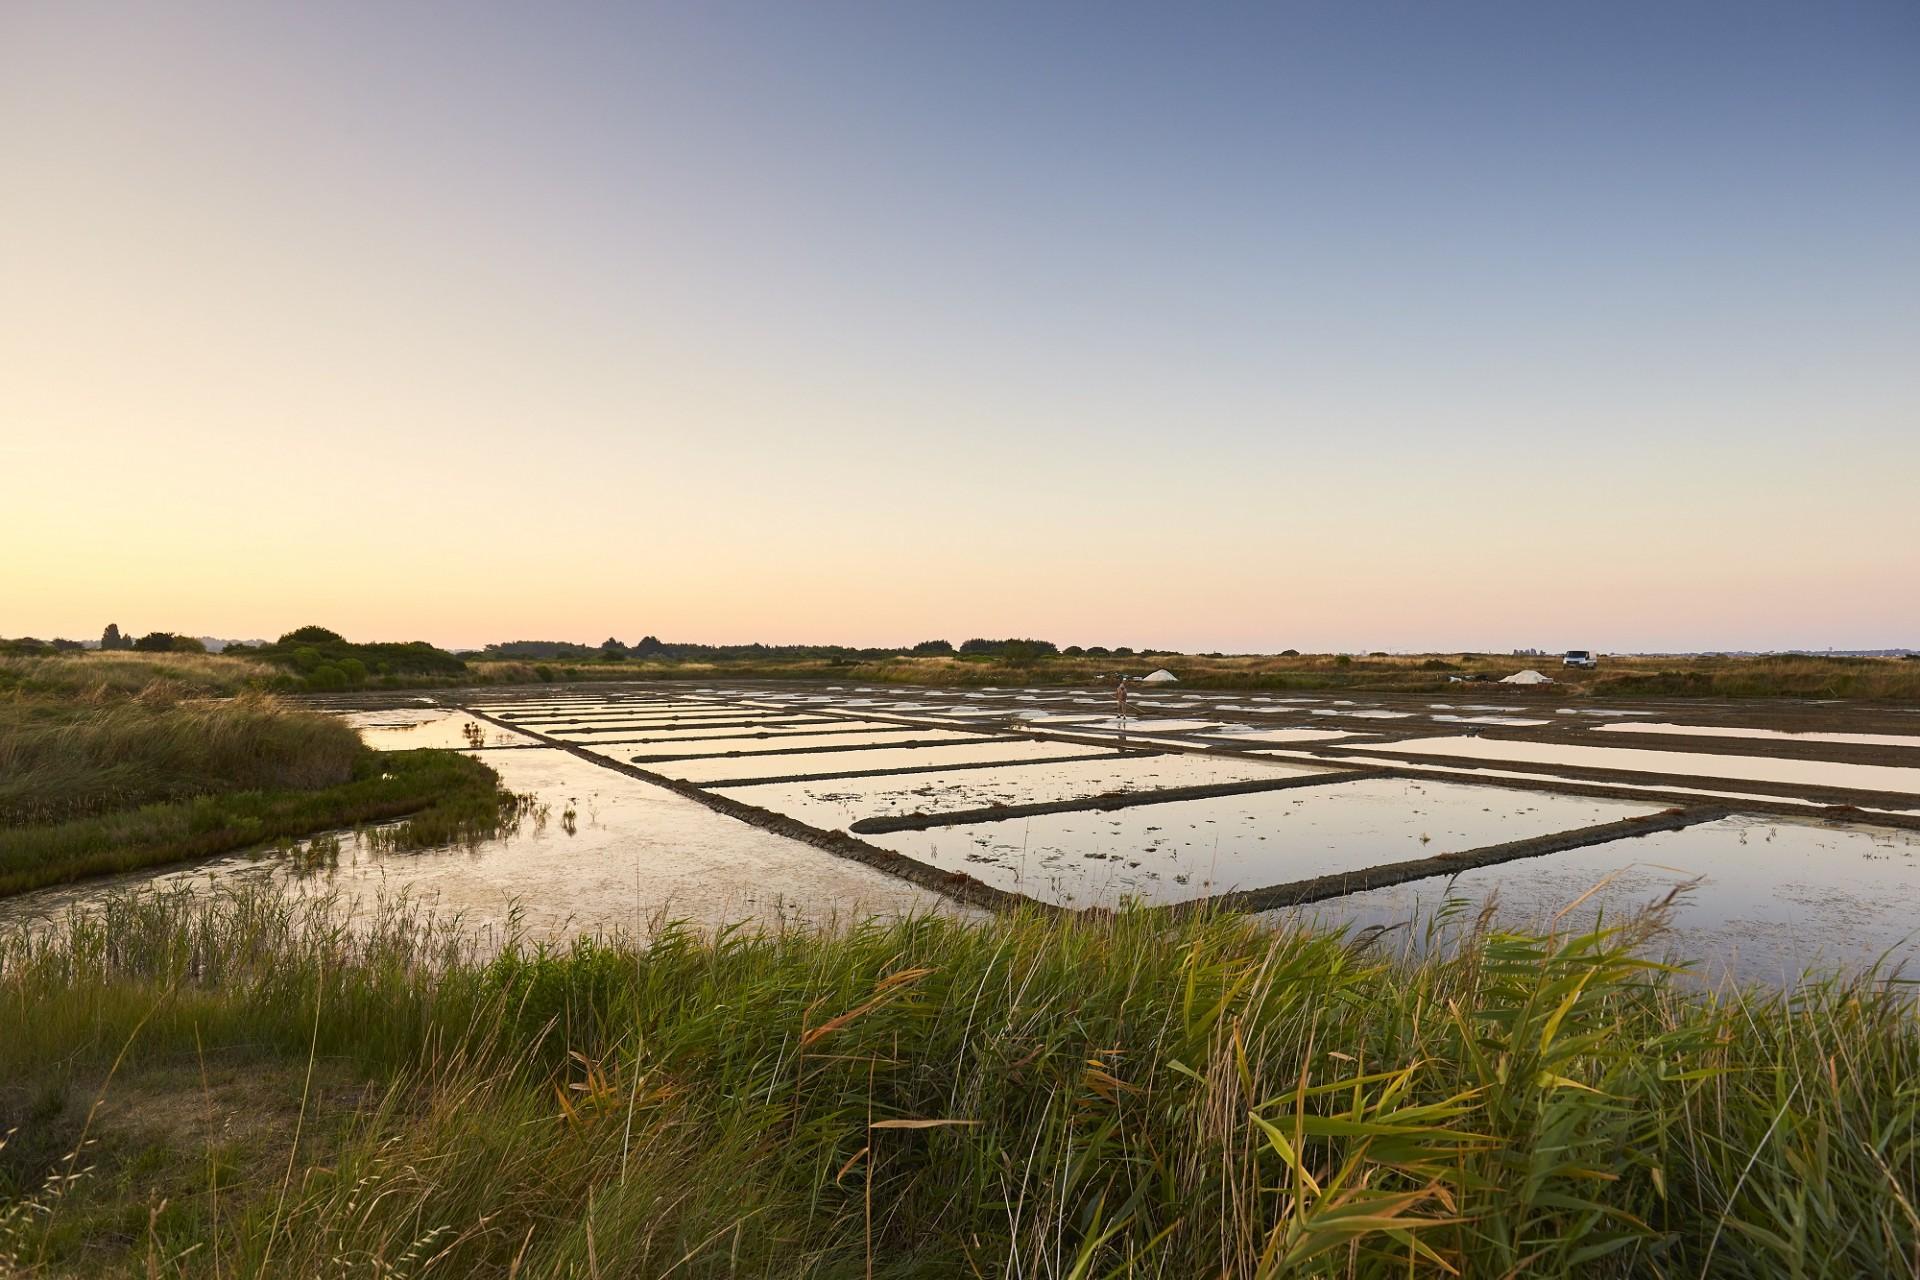 Les marais salants de Guérande - Alexandre Lamoureux